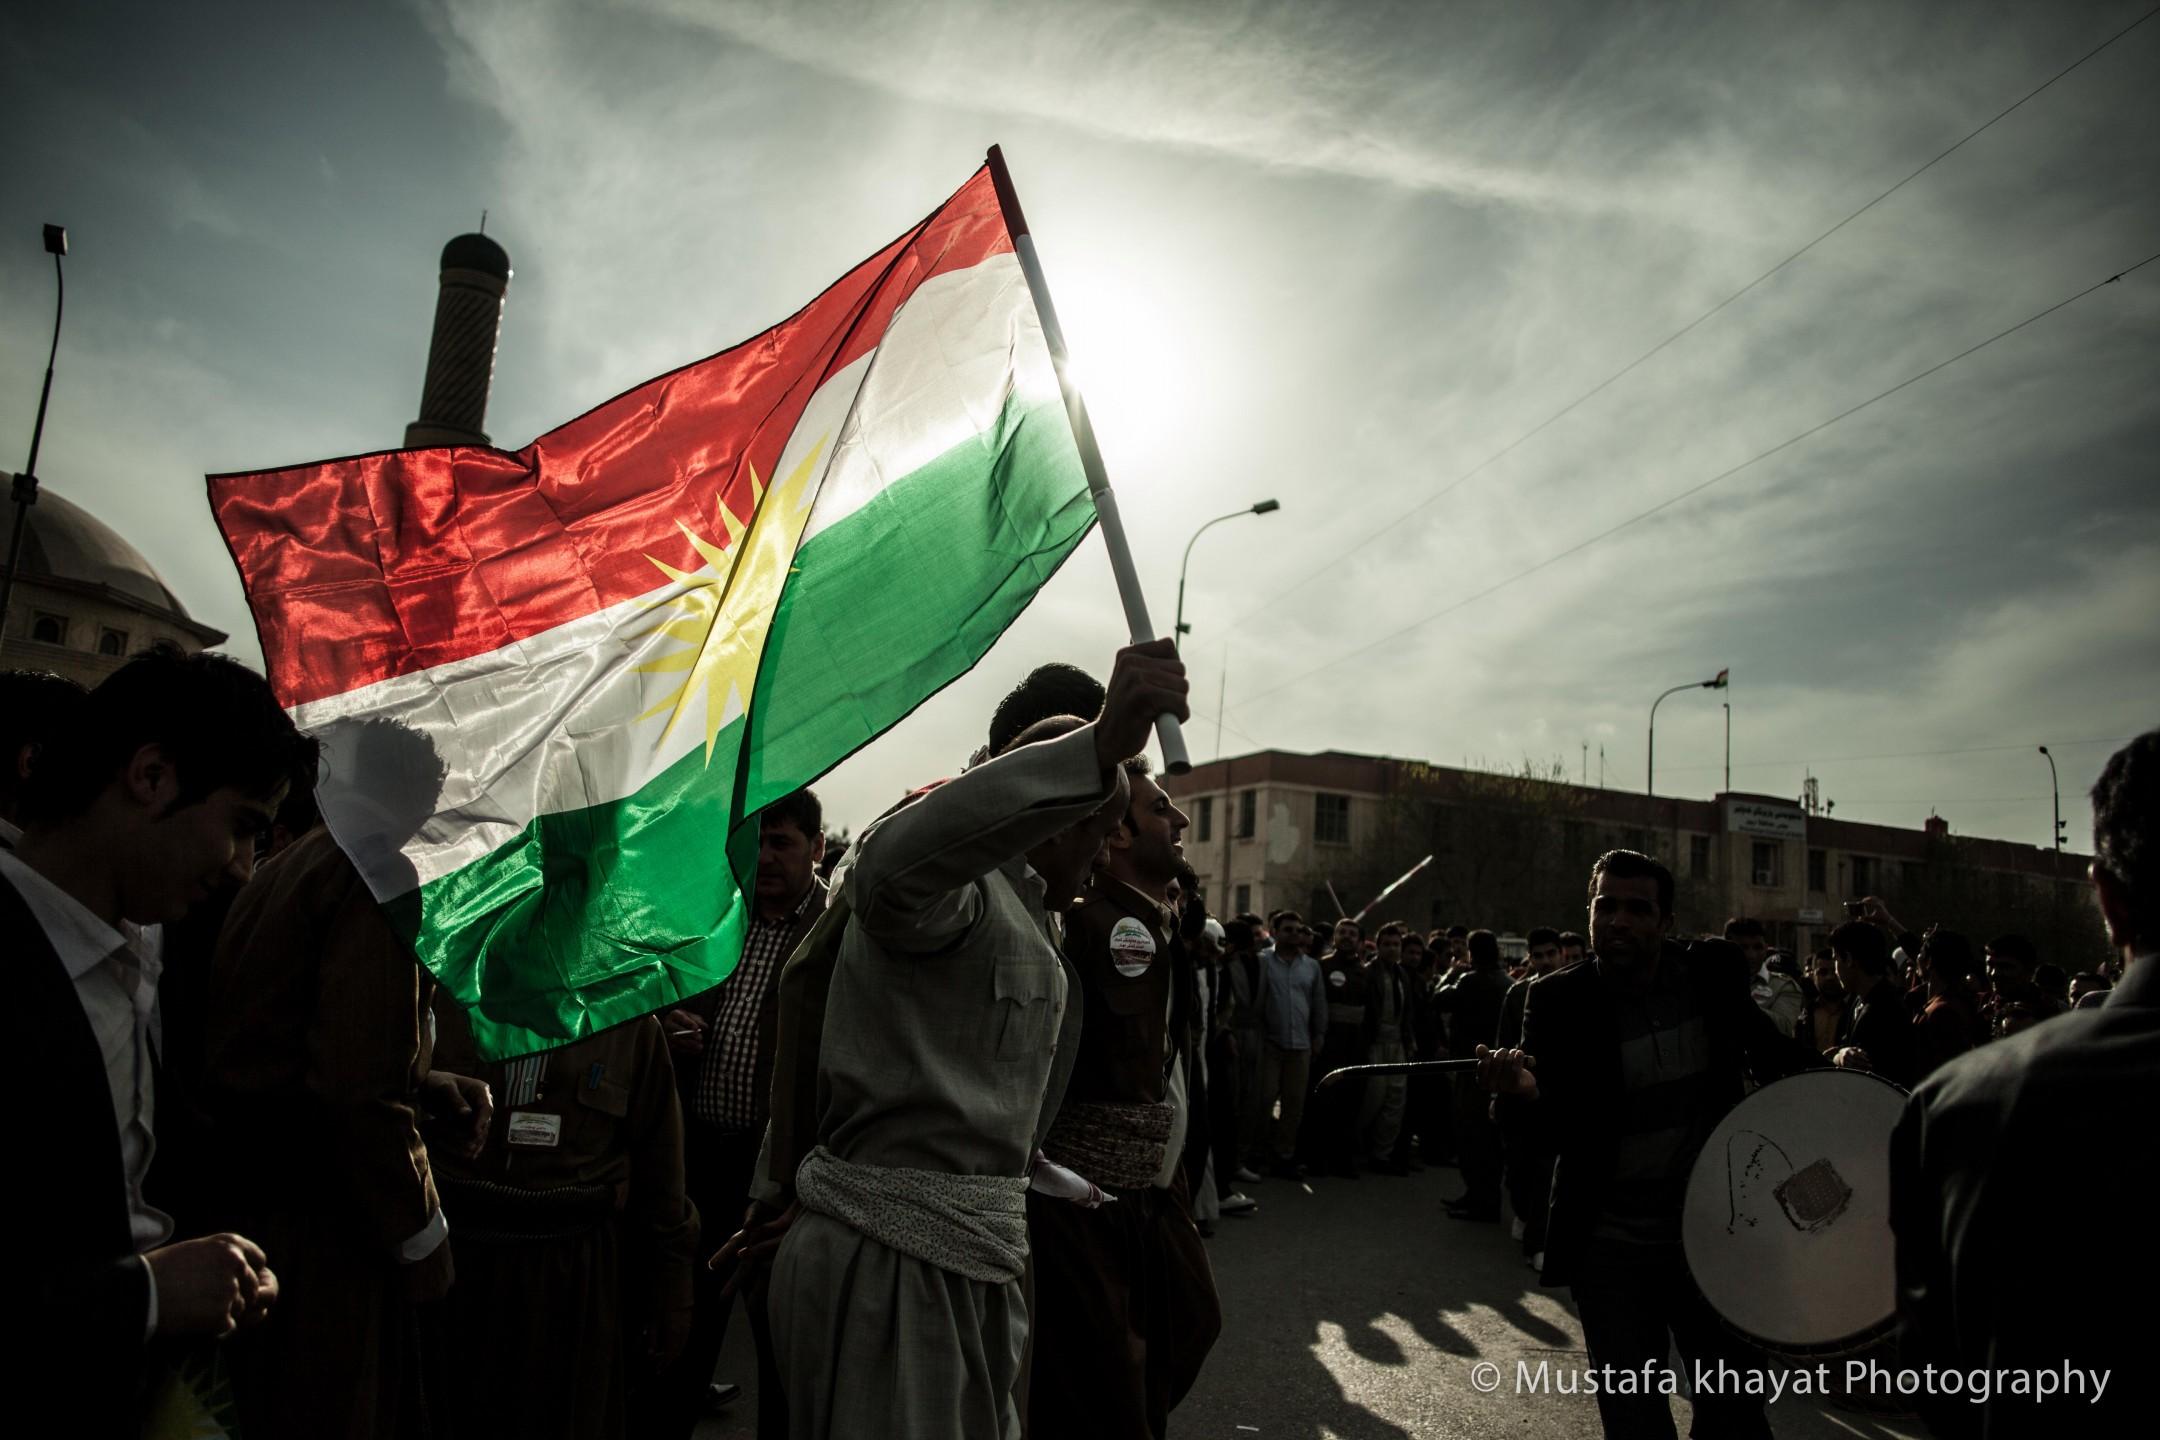 Joods leven lijkt terug te keren naar Iraaks Koerdistan.